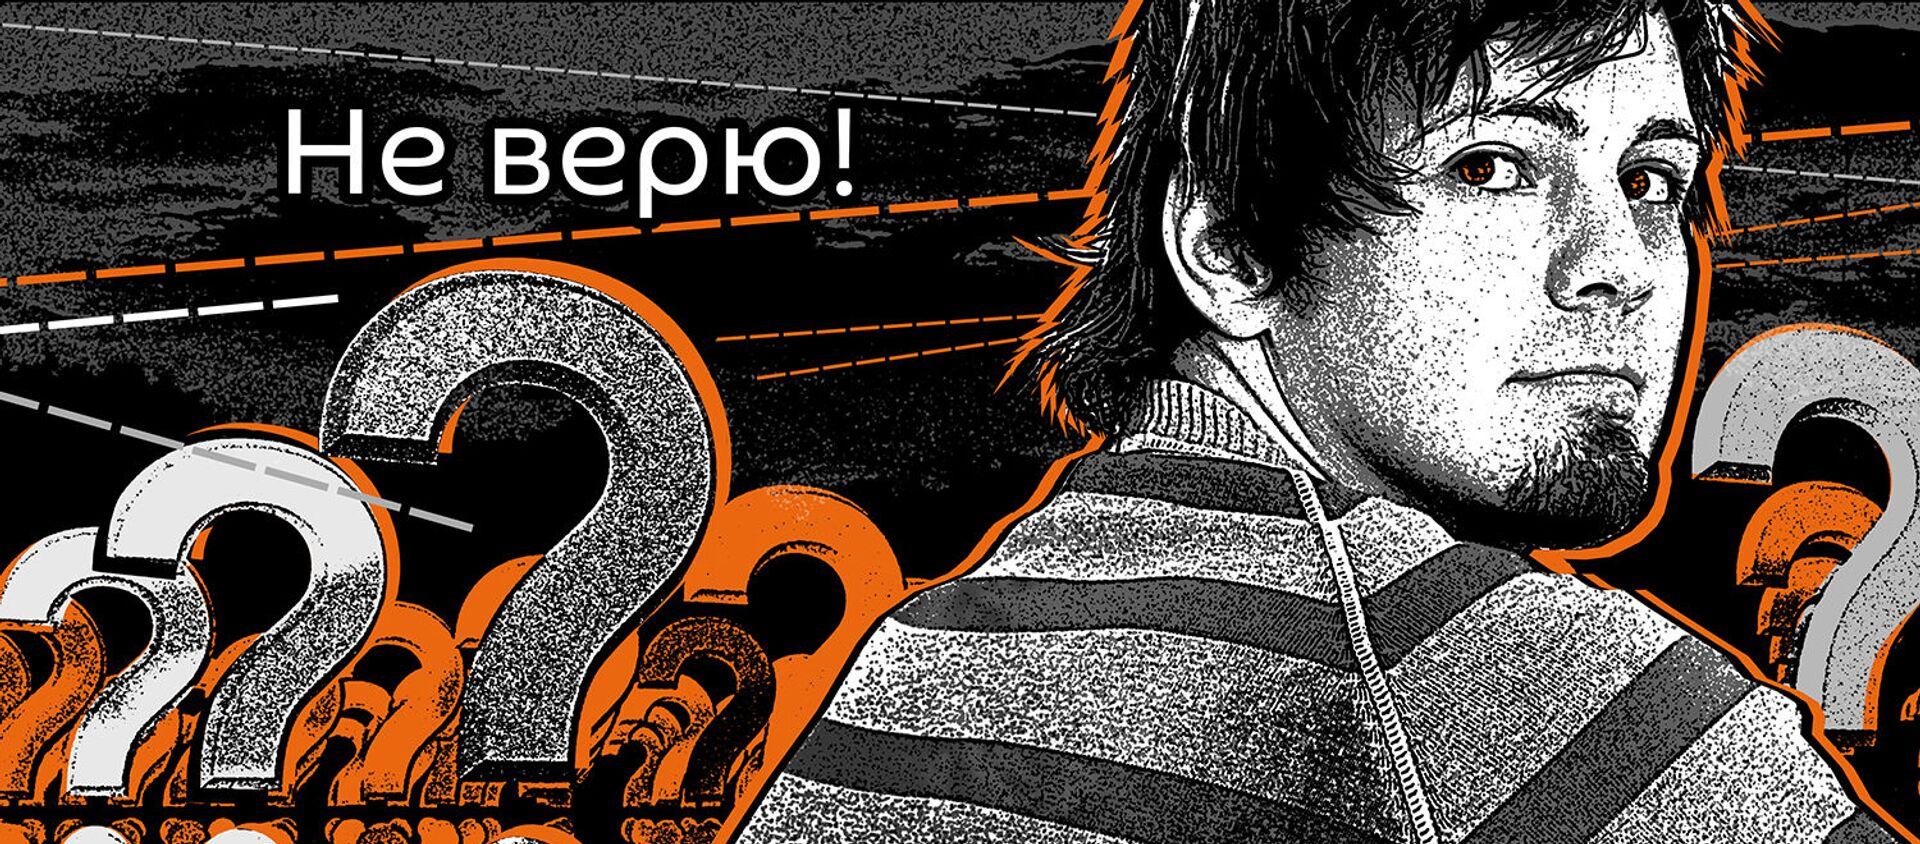 Подкасты РИА Не верю - Sputnik Беларусь, 1920, 02.05.2021